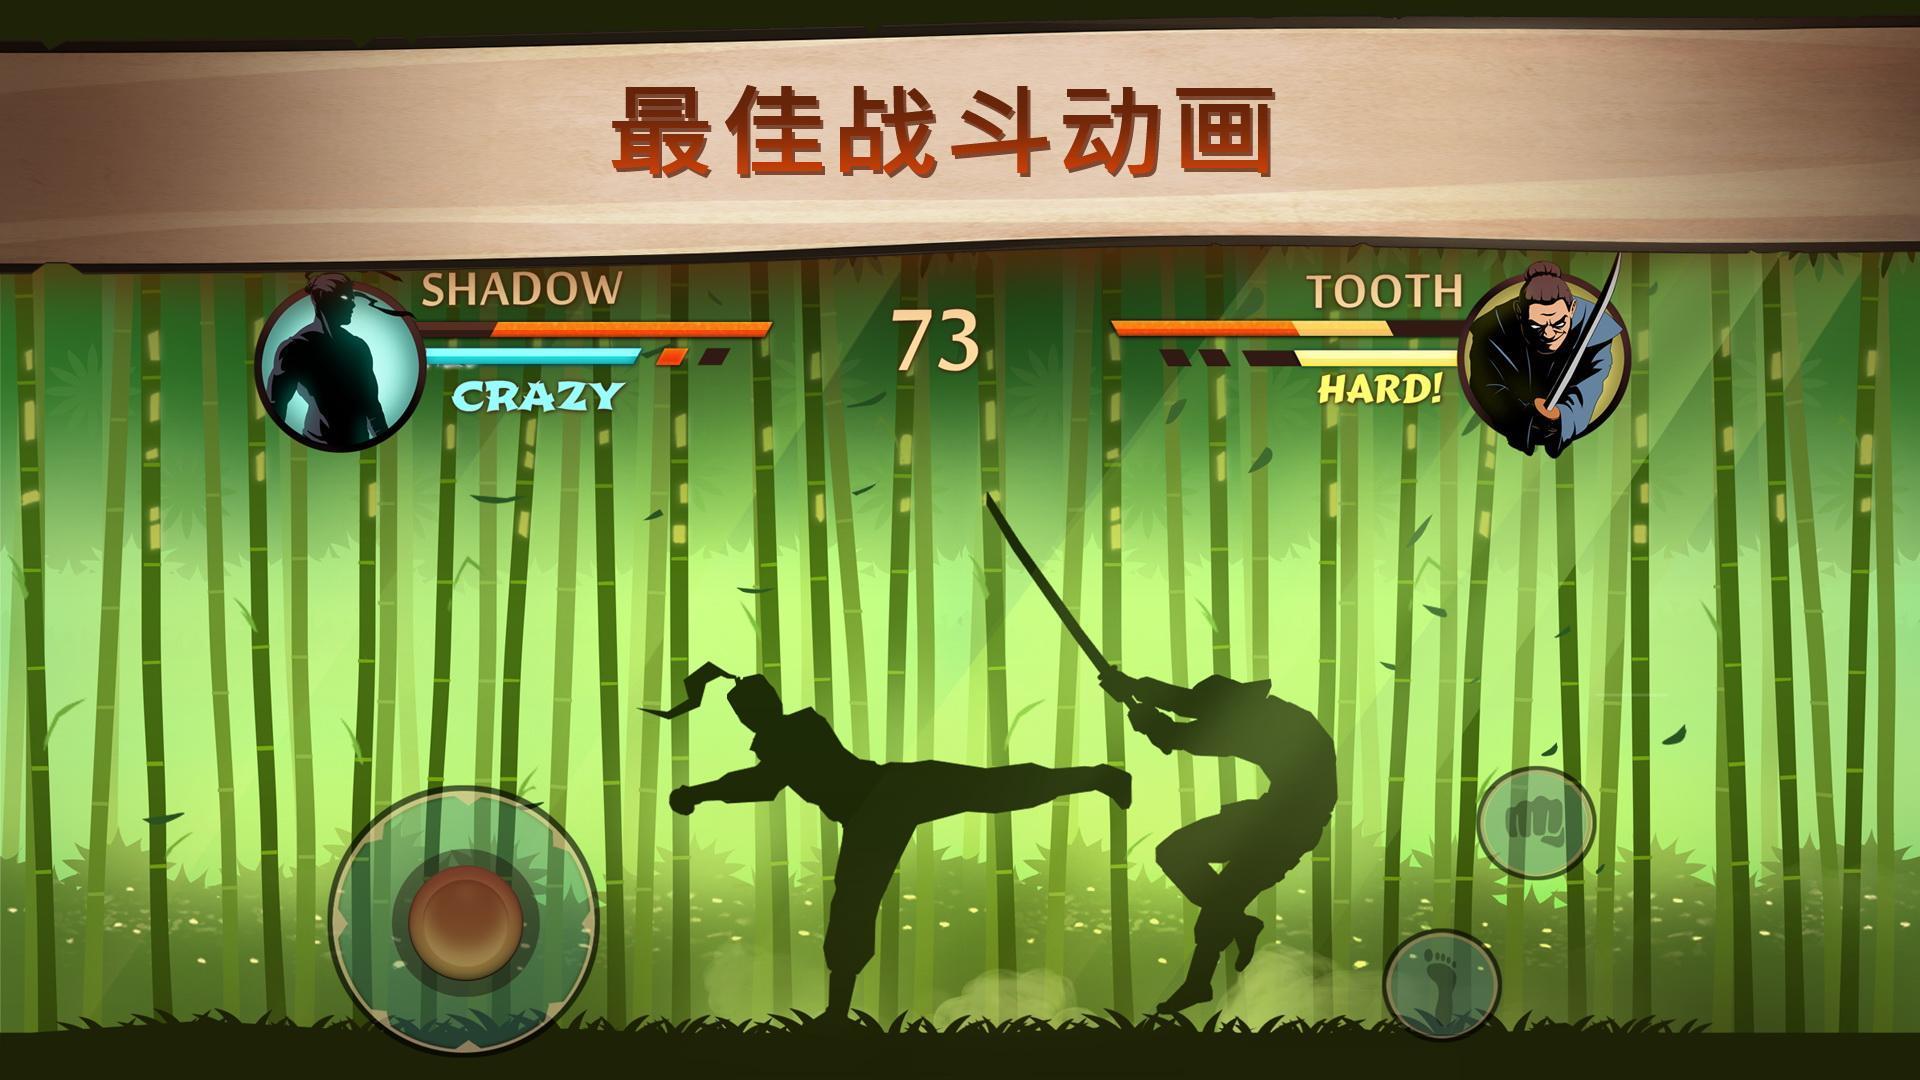 暗影格斗2官网免费下载 暗影格斗2攻略,360手机游戏